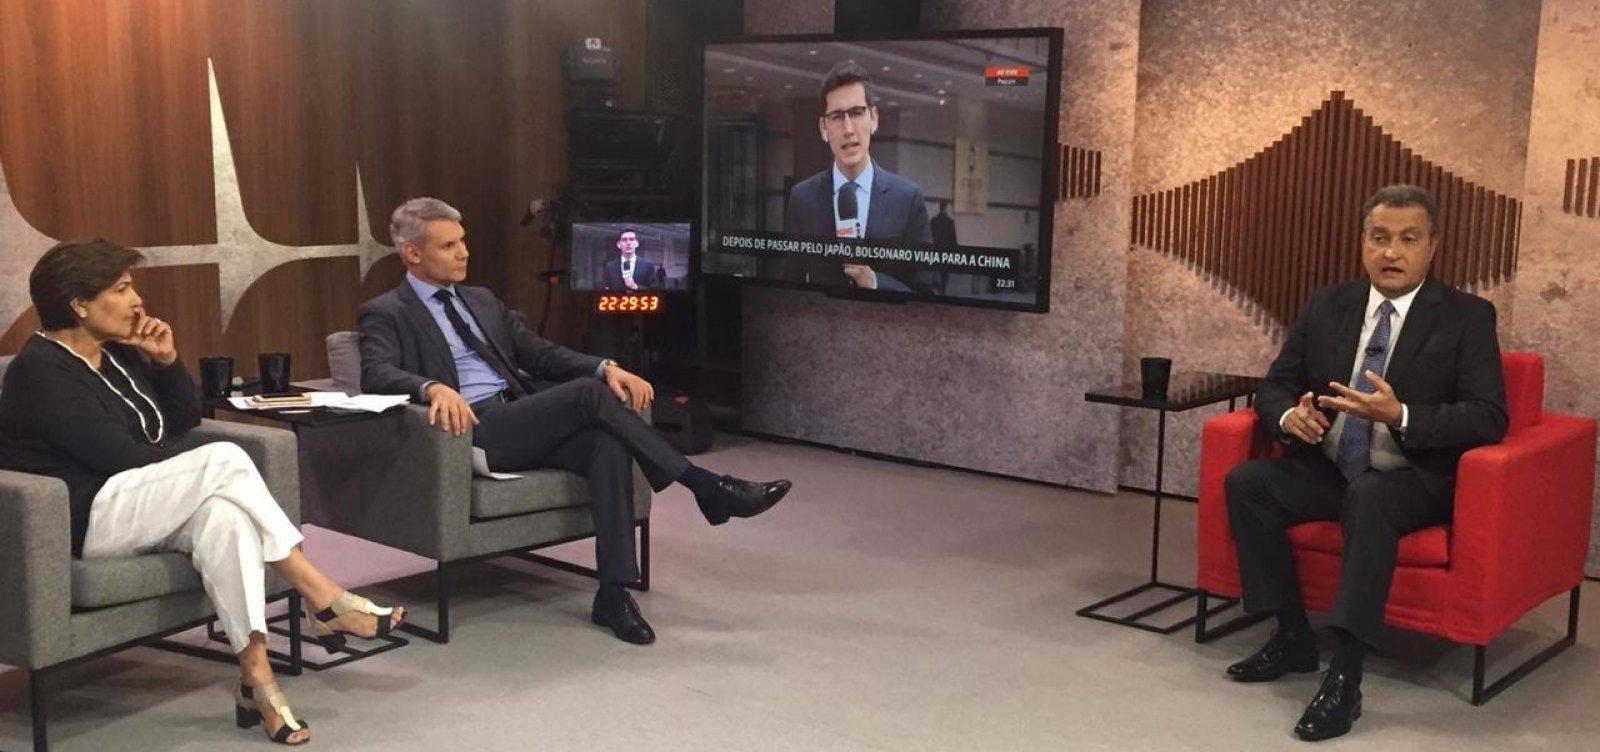 Rui culpa governo Bolsonaro por usar 'critérios políticos ideológicos' na falta de reação a óleo